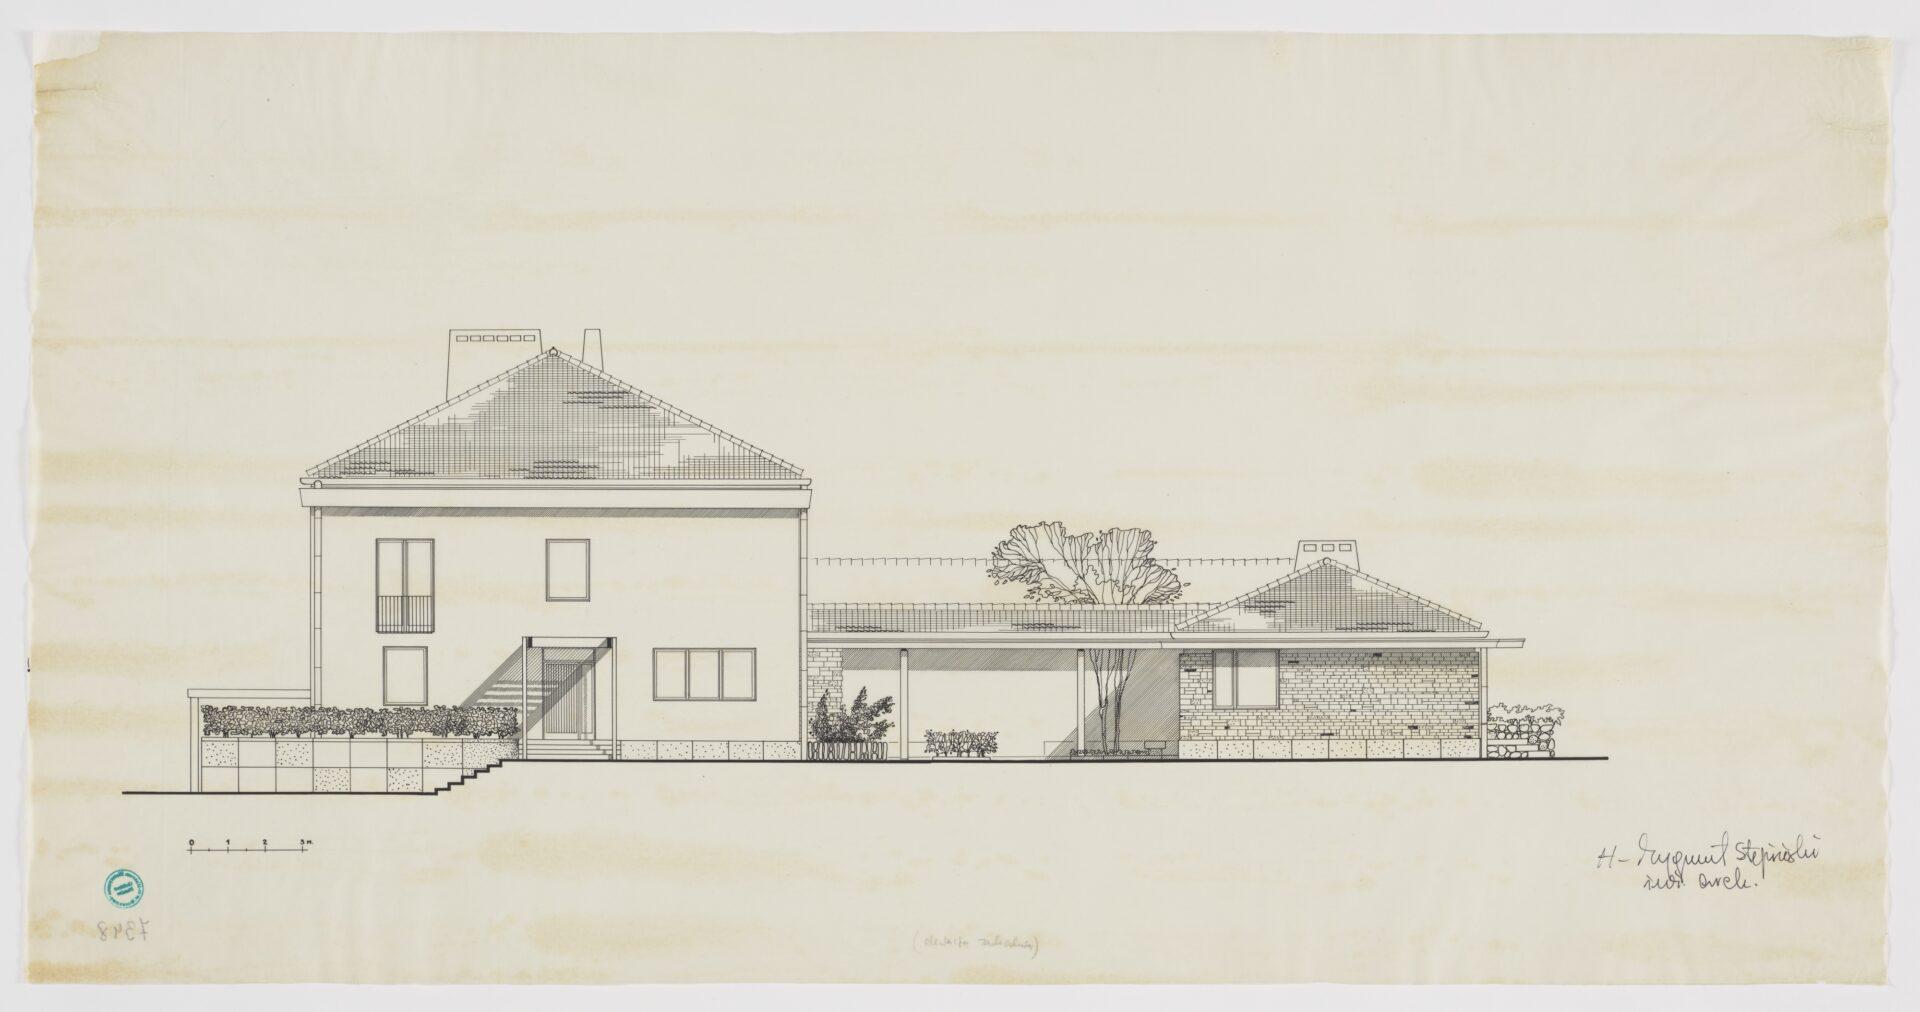 Szkic nakremowym papierze czarnym atramentem narysowany projekt domu.